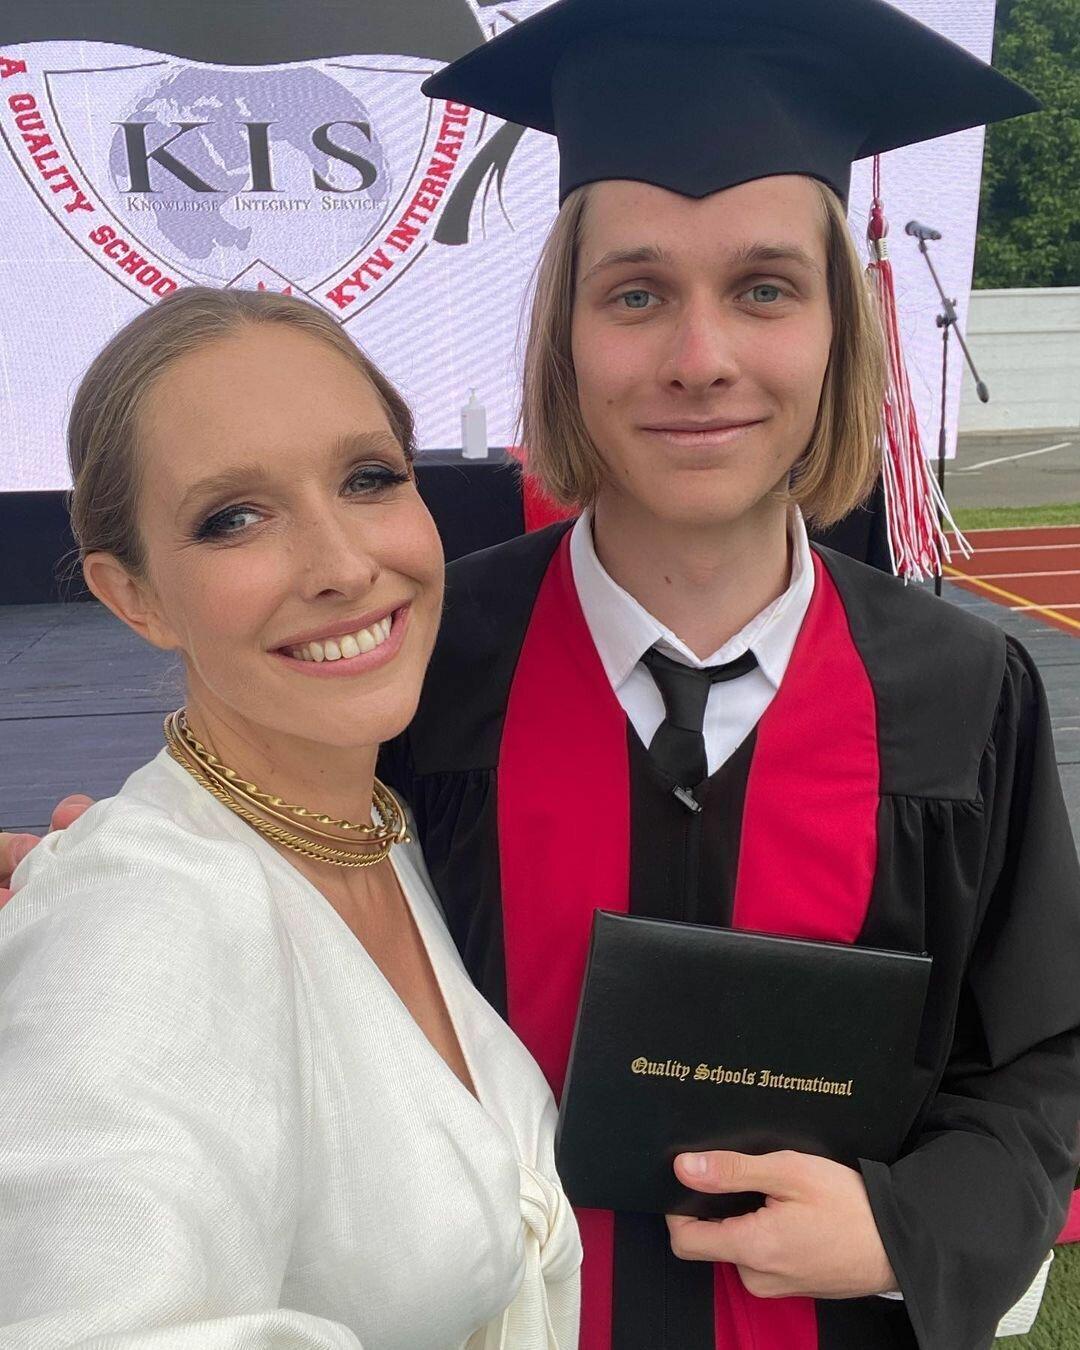 Катя Осадчая показала 19-летнего сына Илью